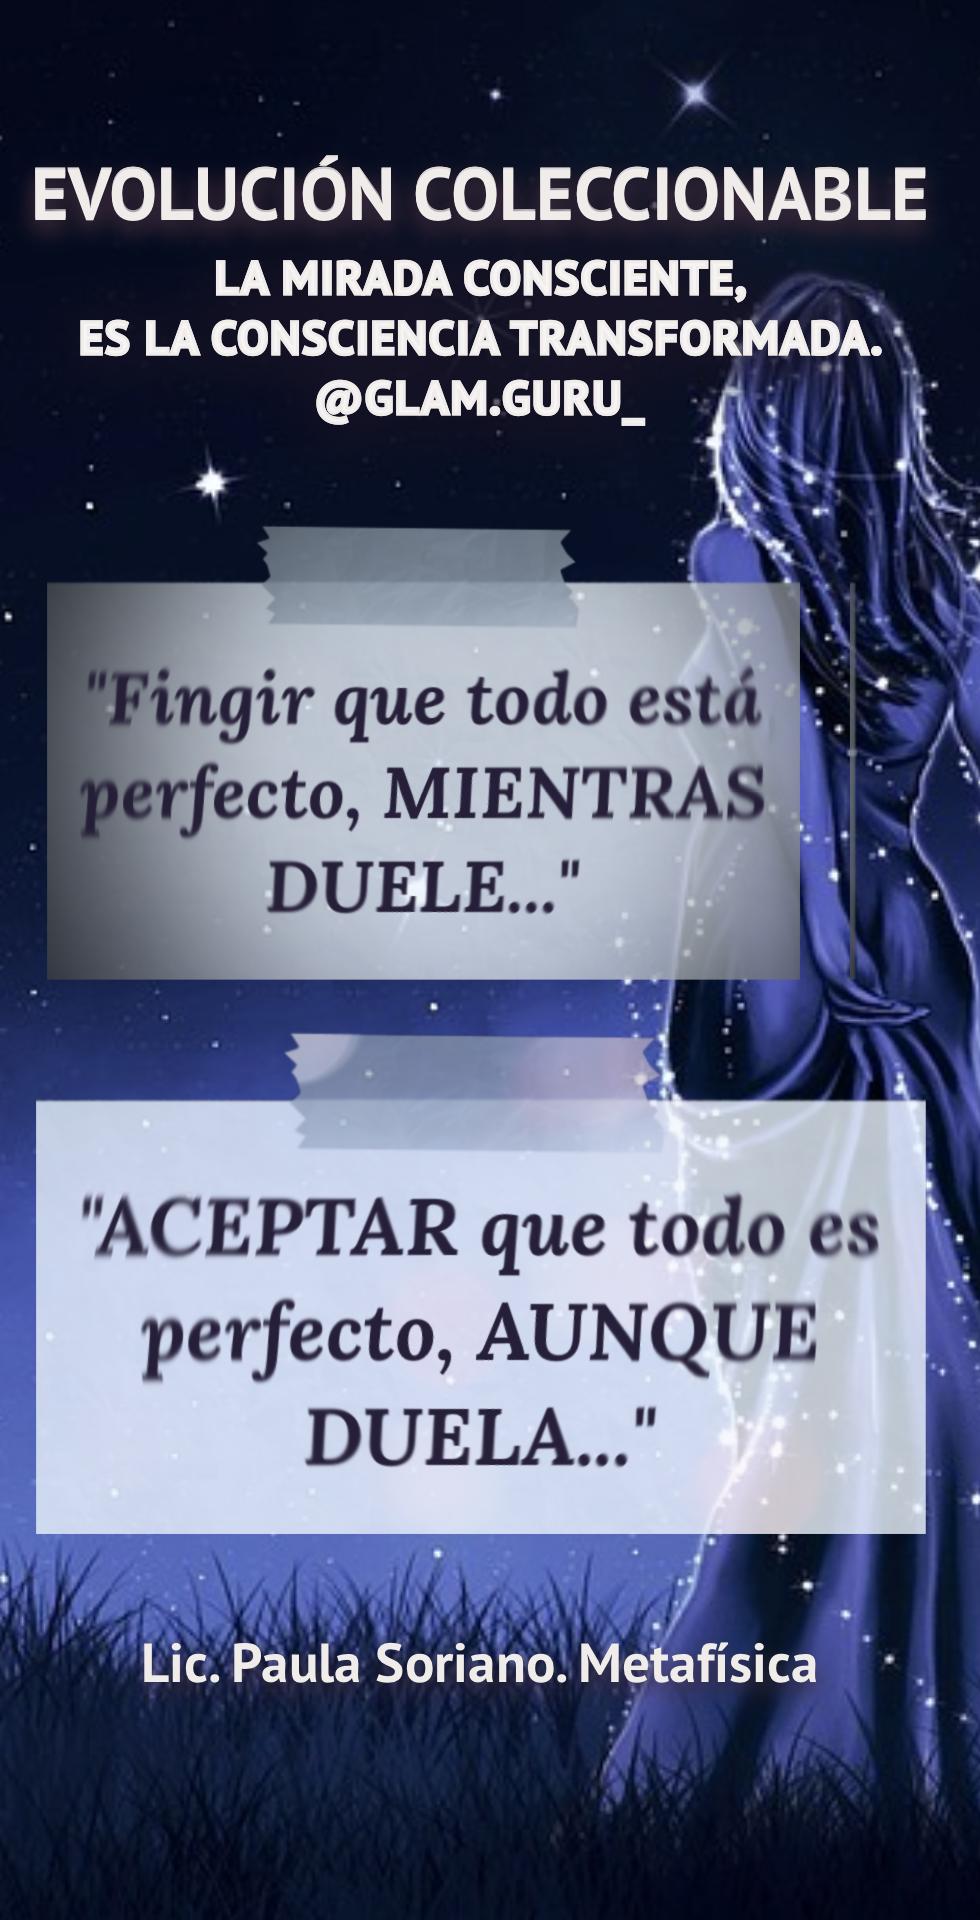 Lic. Paula Soriano